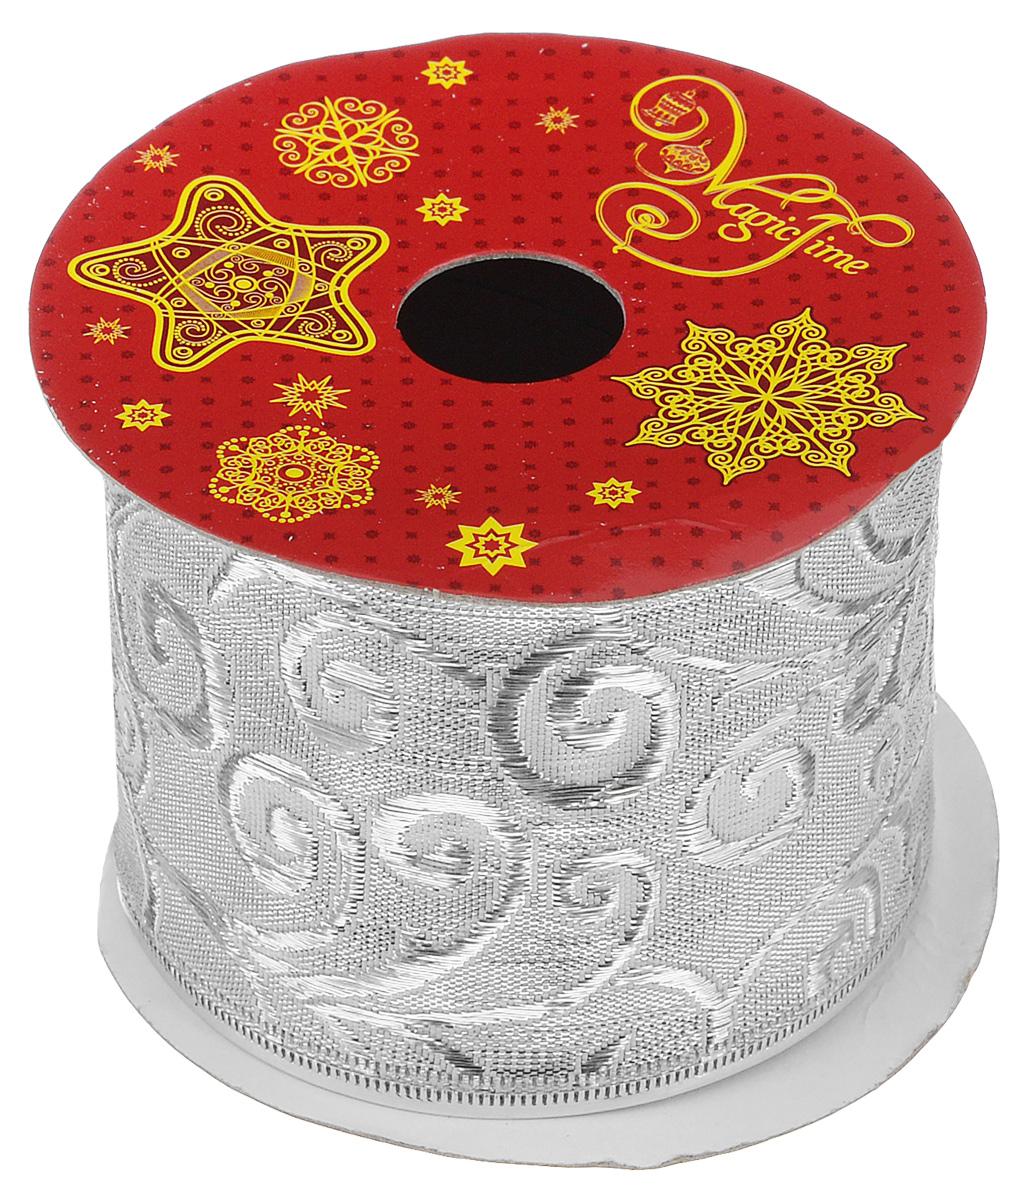 Декоративная лента Magic Time, цвет: серебристый, длина 2,7 м. 3890738907Декоративная лента Magic Time выполнена из полиэстера и декорирована оригинальным витым узором. В края ленты вставлена проволока, благодаря чему ее легко фиксировать. Лента предназначена для оформления подарочных коробок, пакетов. Кроме того, декоративная лента с успехом применяется для художественного оформления витрин, праздничного оформления помещений, изготовления искусственных цветов. Декоративная лента украсит интерьер вашего дома к праздникам.Ширина ленты: 6,3 см.